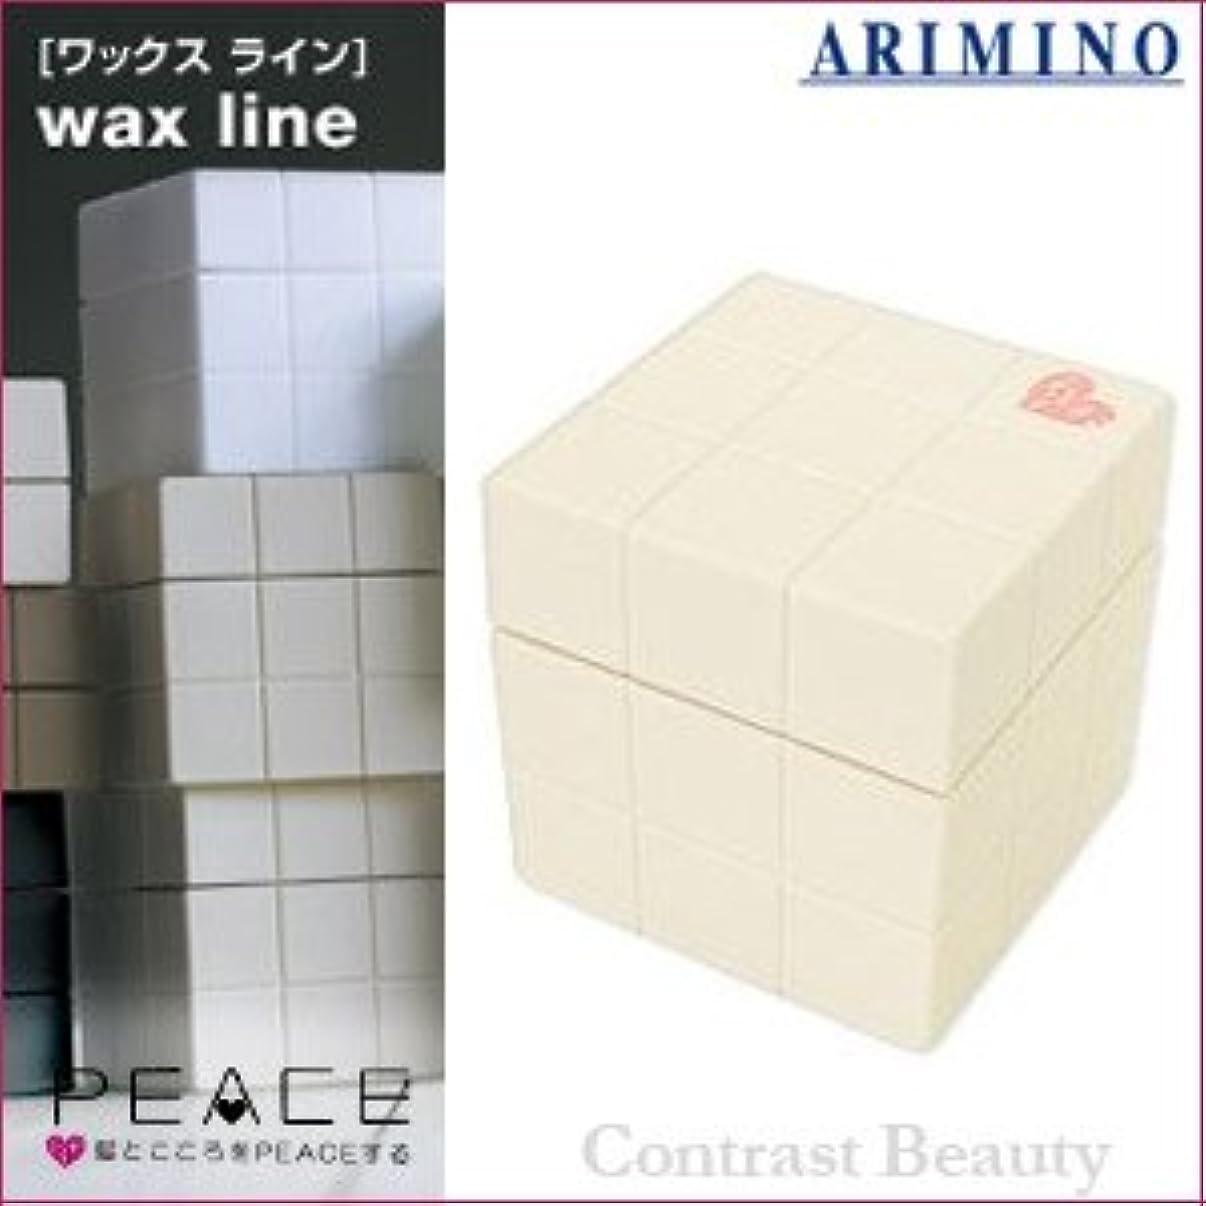 それに応じてテラスひも【x2個セット】 アリミノ ピース プロデザインシリーズ ニュアンスワックス バニラ 80g